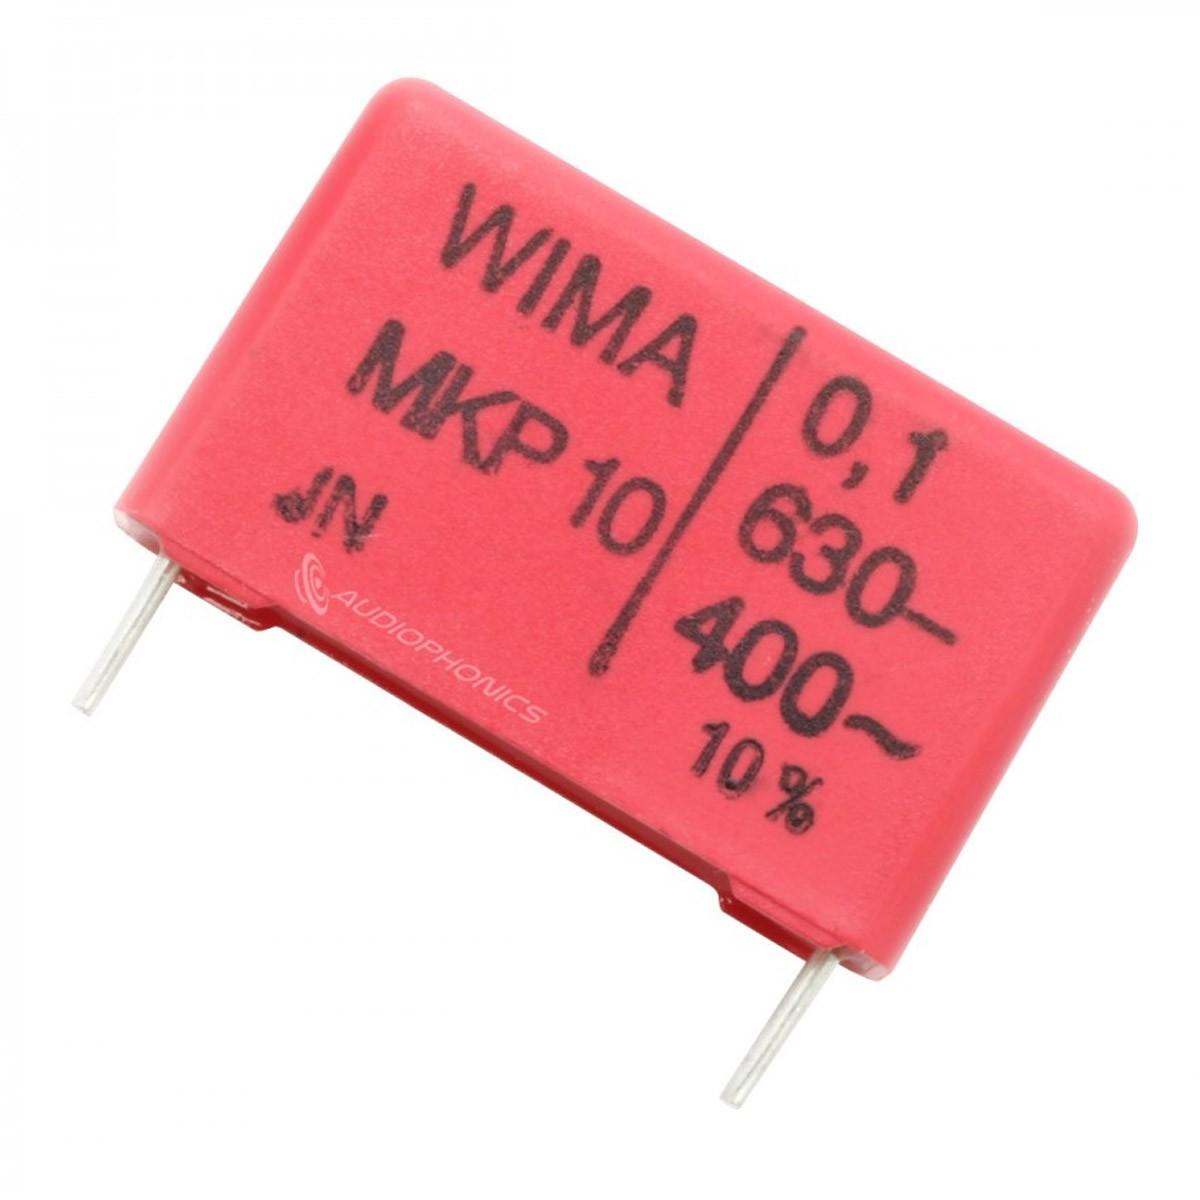 WIMA MKP 10 Condensateur Polypropylene 15mm 630V 0.1µF